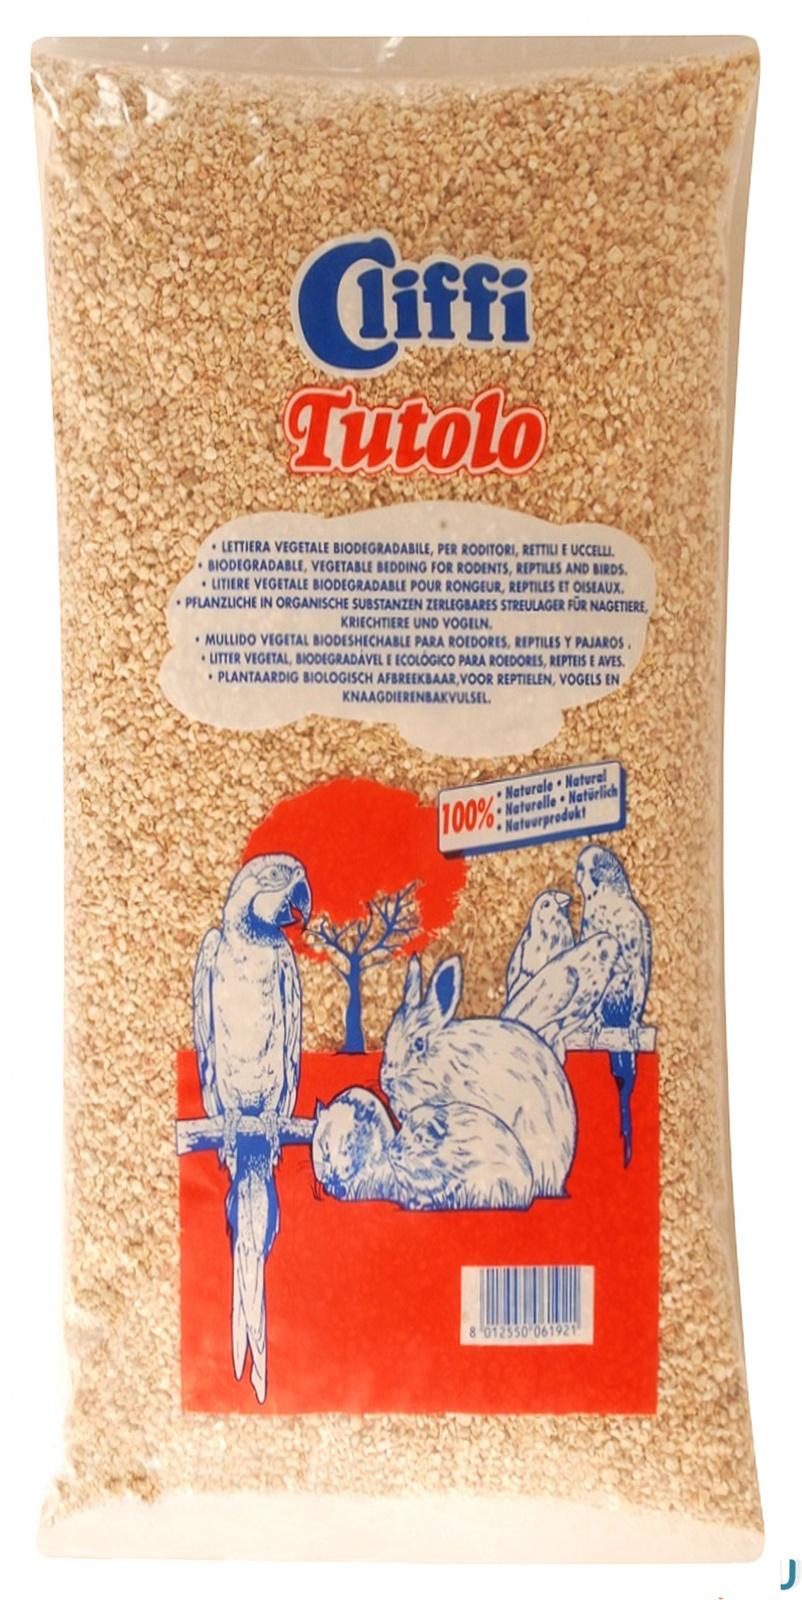 Клиффи Кукурузный наполнитель Tutolo для грызунов и птиц, 100% органик, в ассортименте, Cliffi